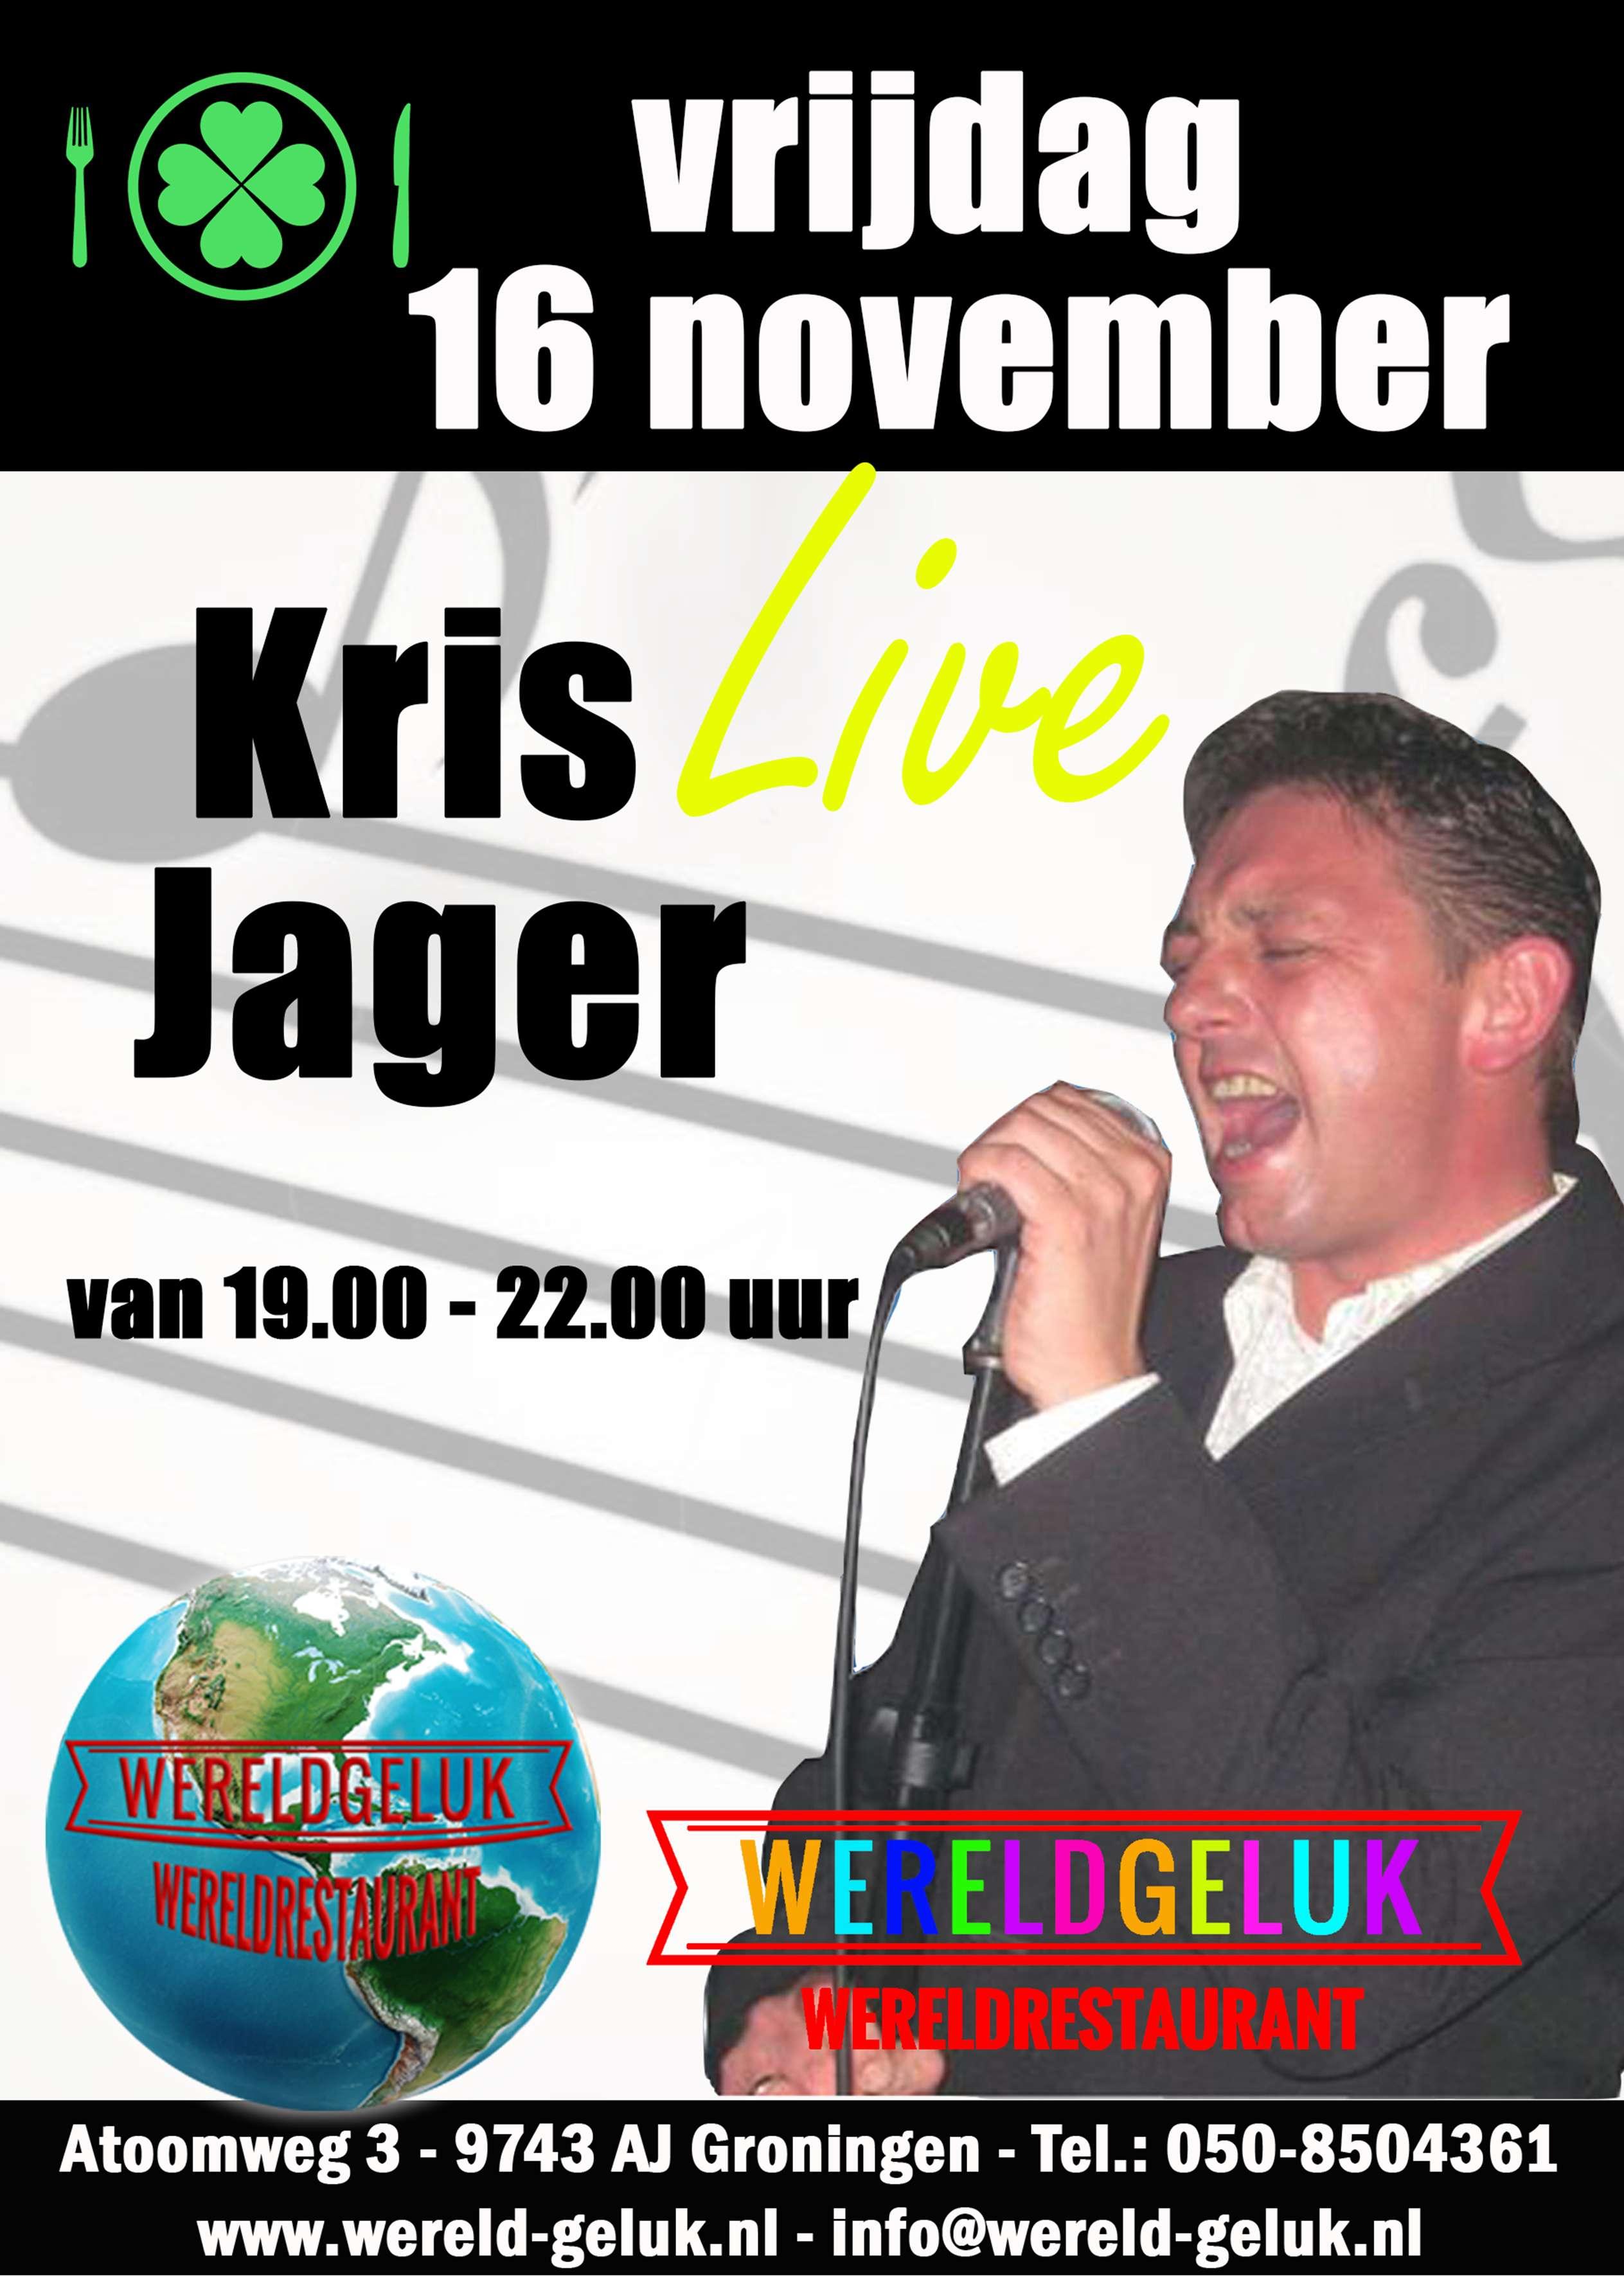 wereldgeluk poster Kris jager live